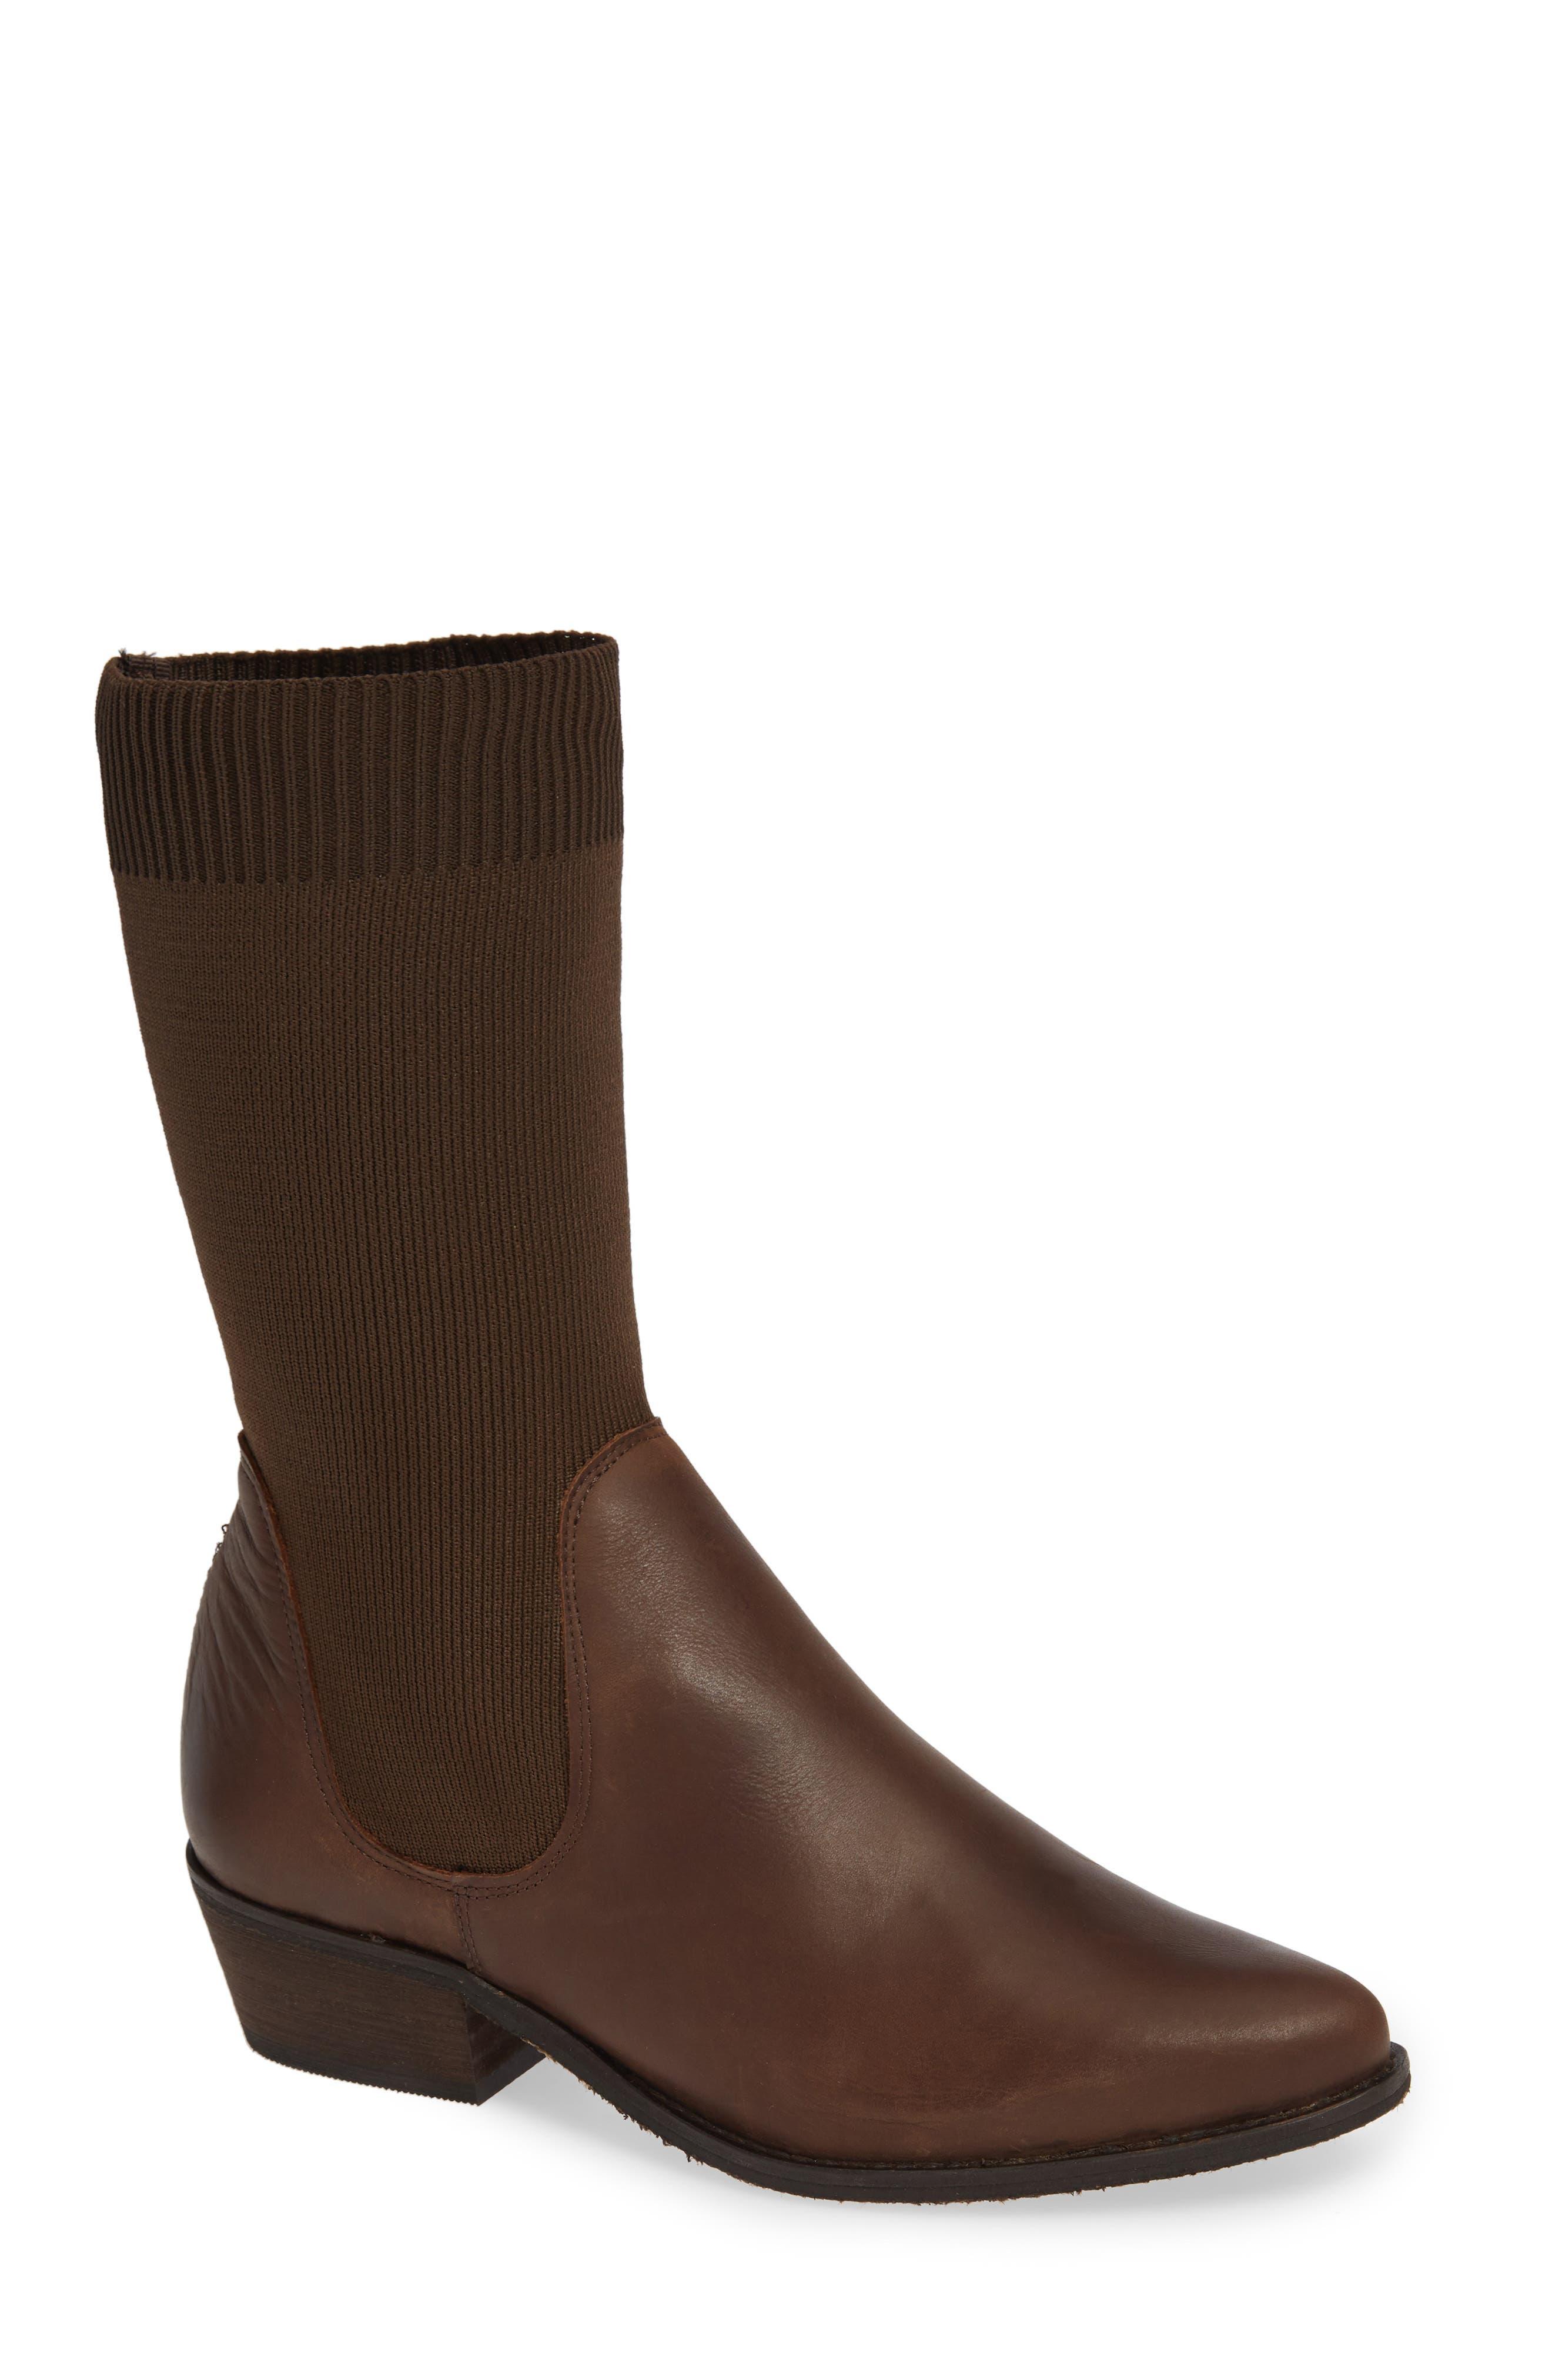 Free People Merritt Western Sock Boot, Brown